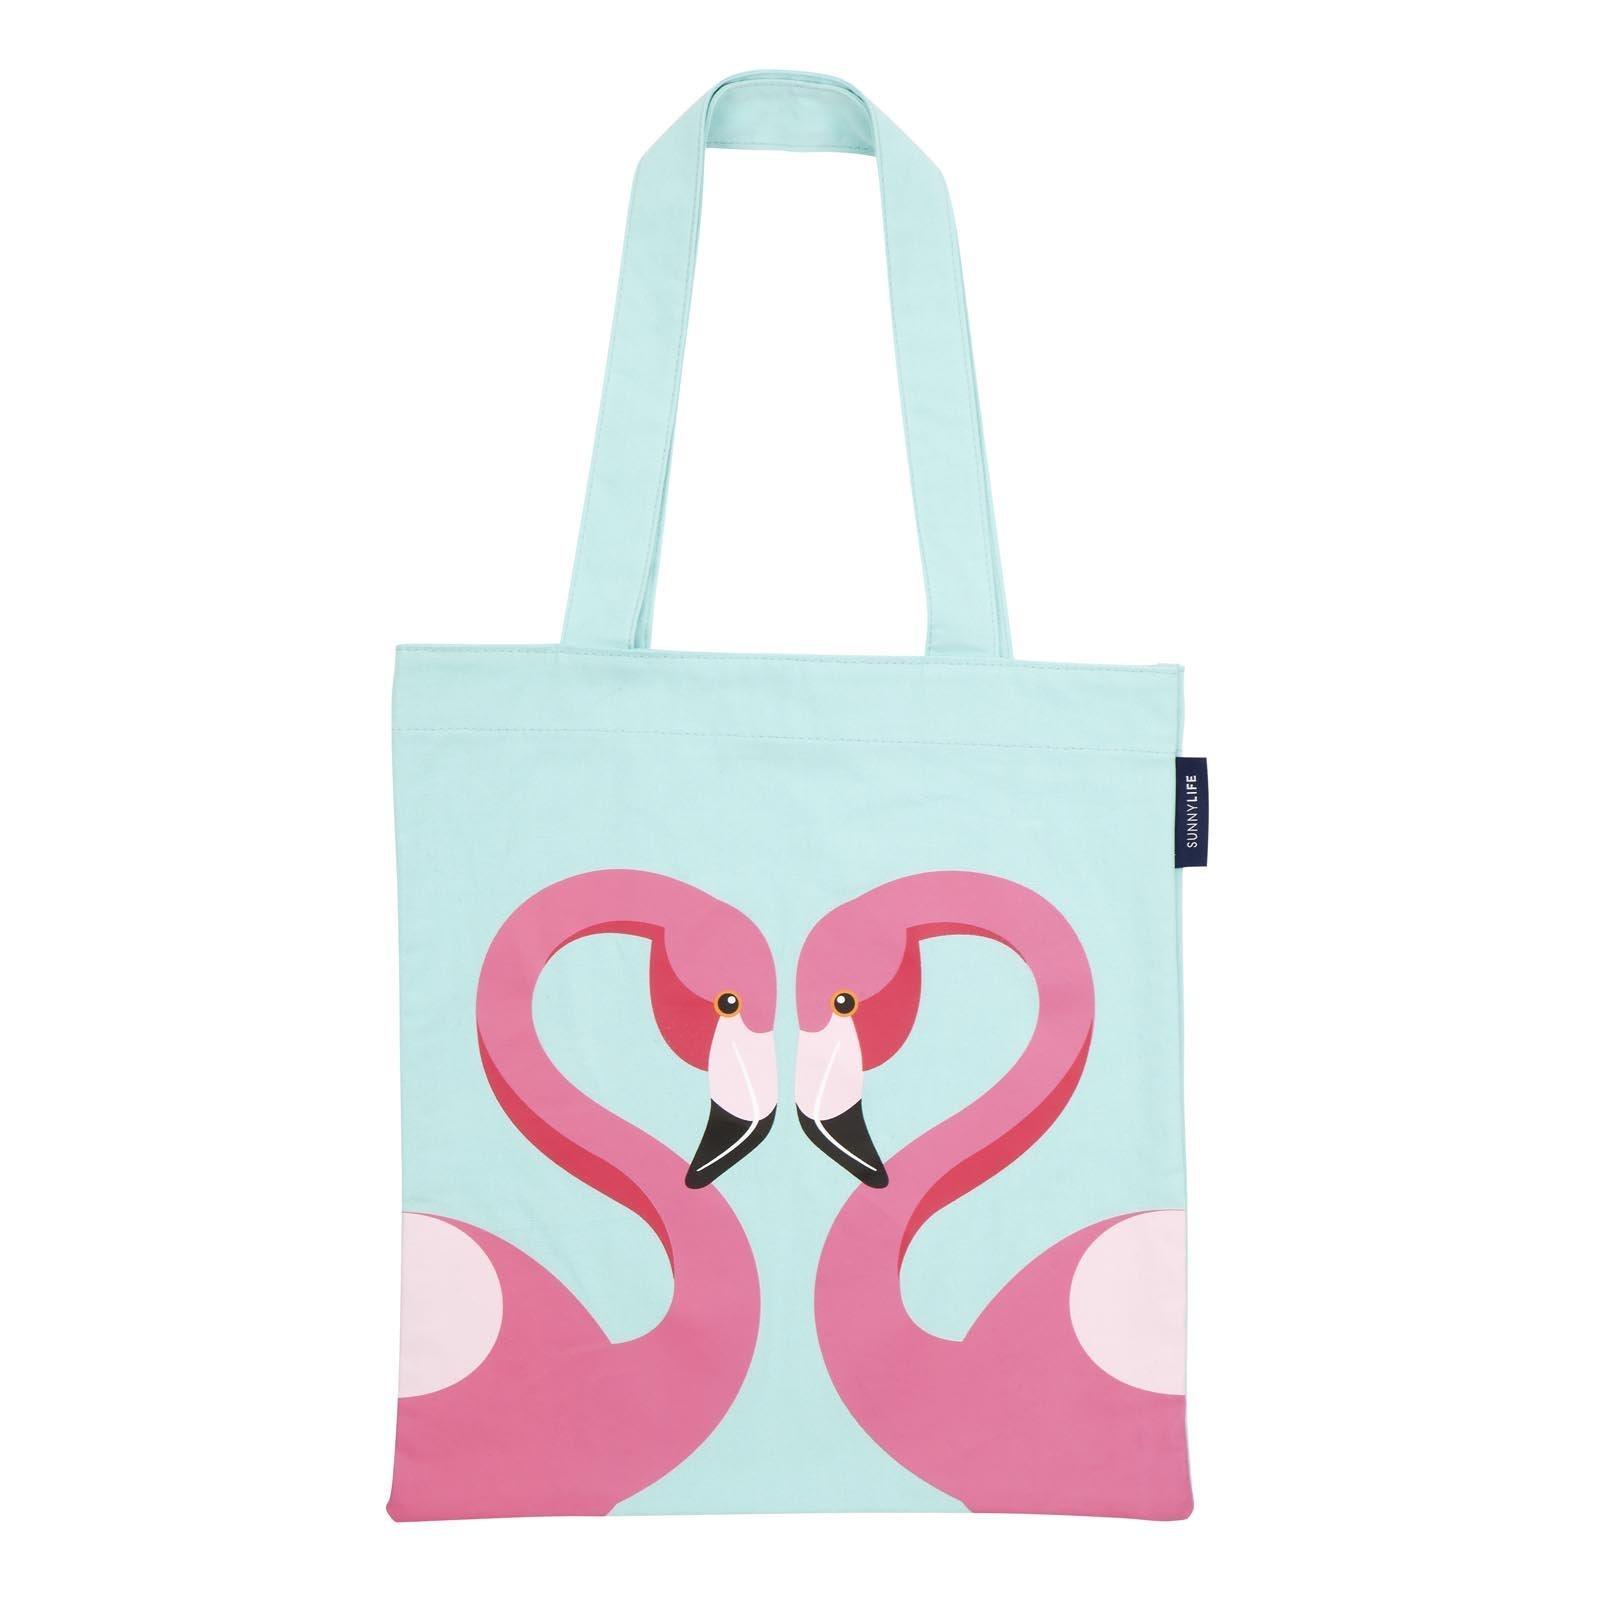 Sunnylife Tote Bag - Flamingo image